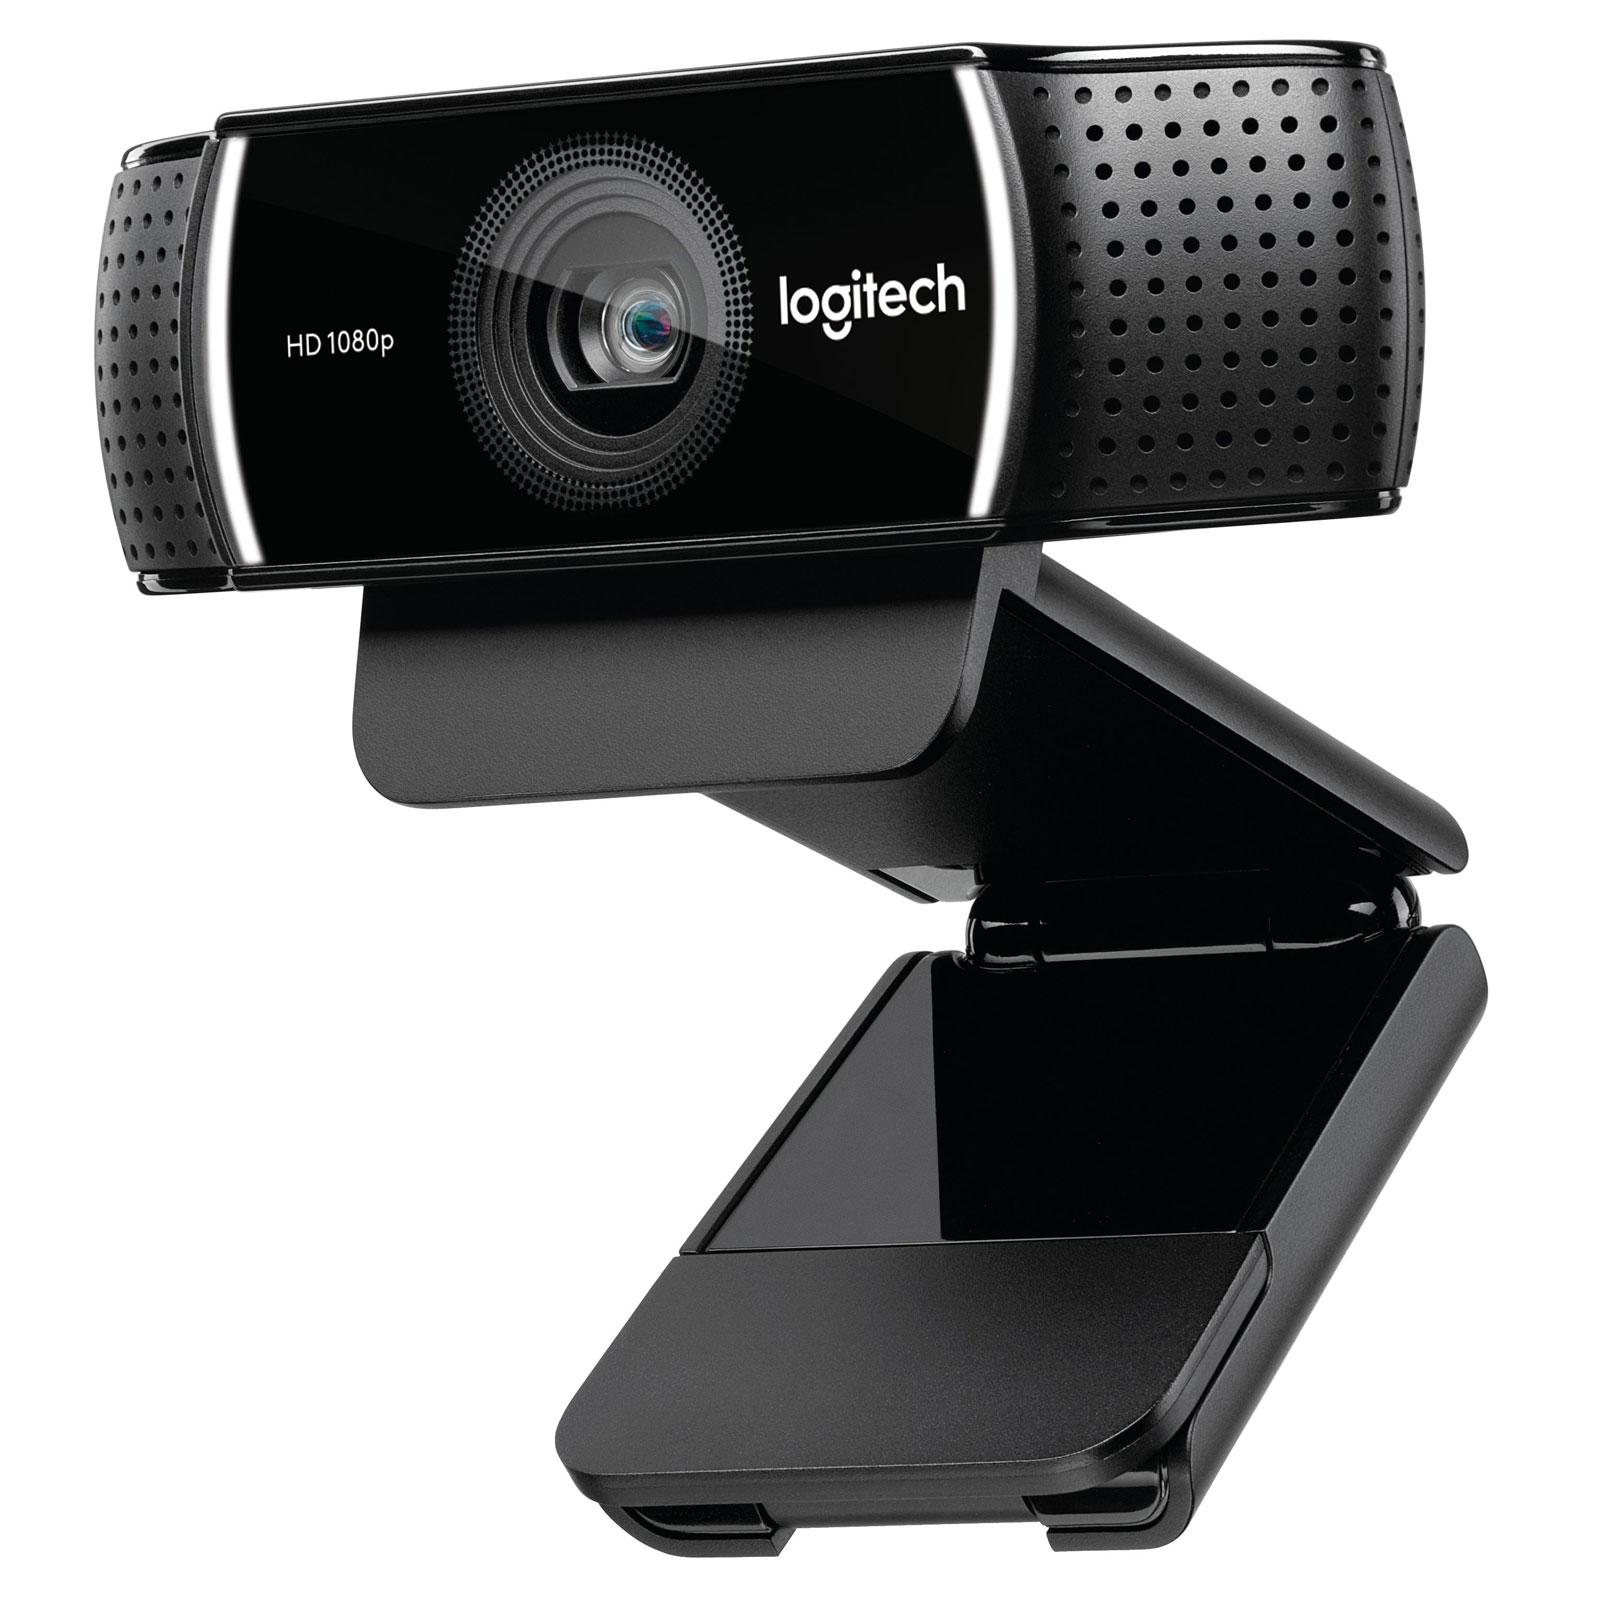 Logitech C922 Pro Stream - Caméra / Webcam - Cybertek.fr - 0